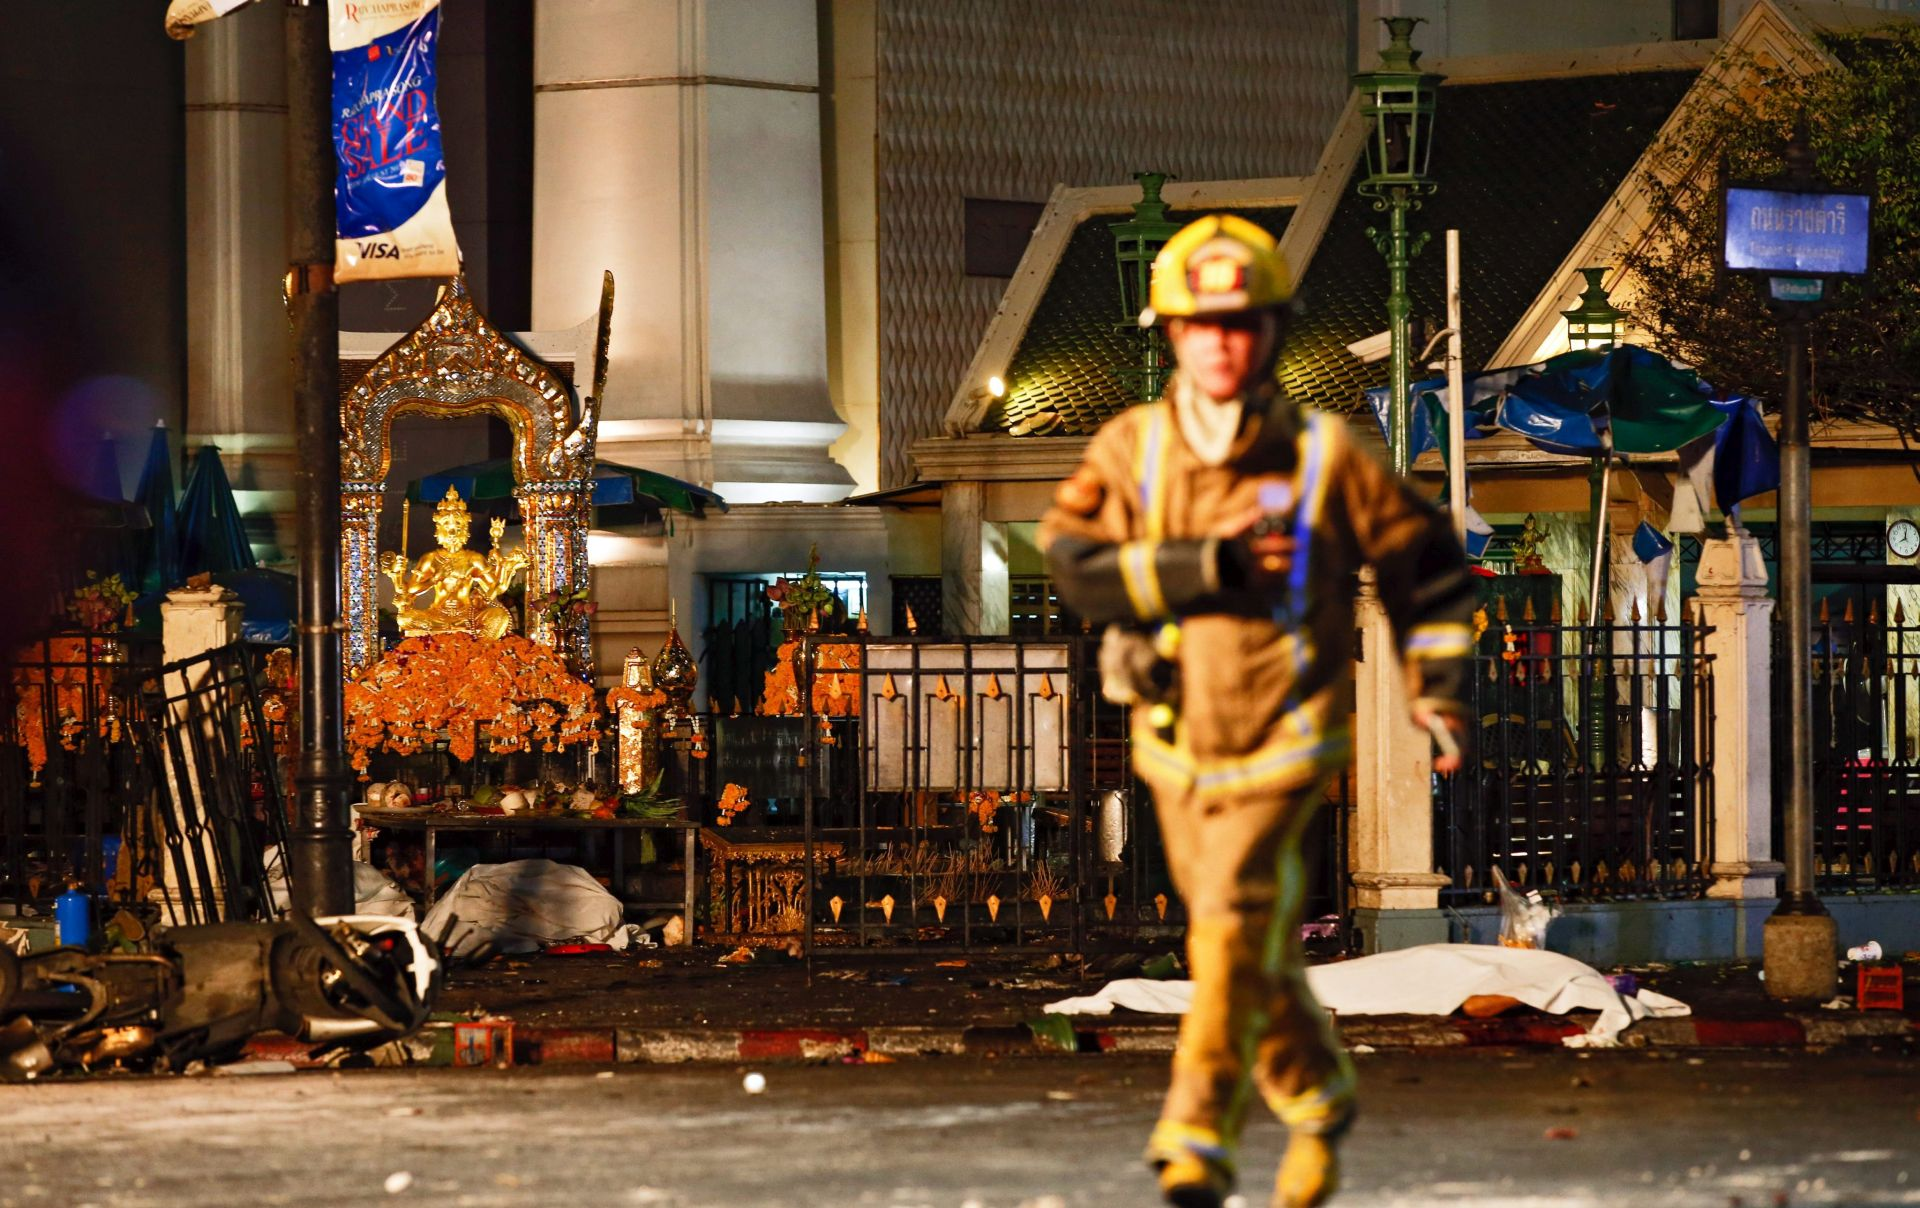 BOMBAŠKI NAPAD NA BANGKOK U KOLOVOZU Dva muškarca optužena za ubojstvo, ali ne i terorizam